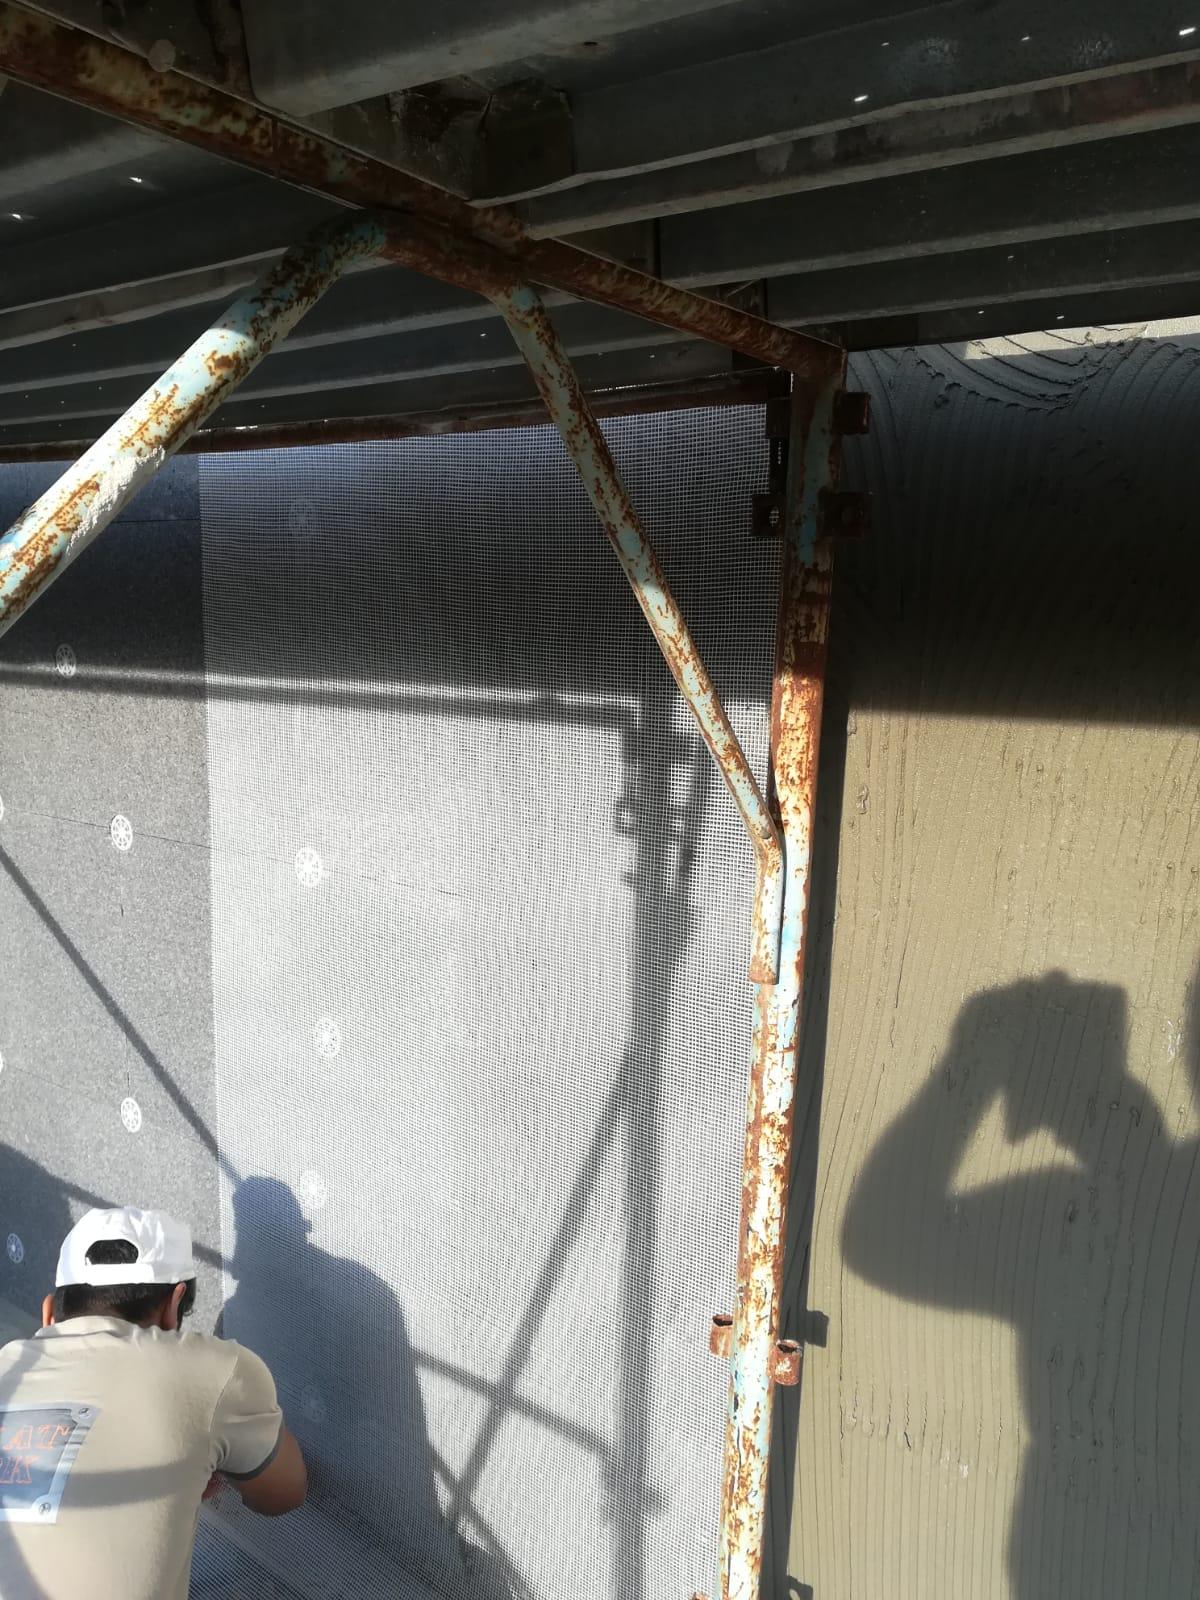 intonaco edil 900 costruzioni canossa val d'enza reggio emilia parma